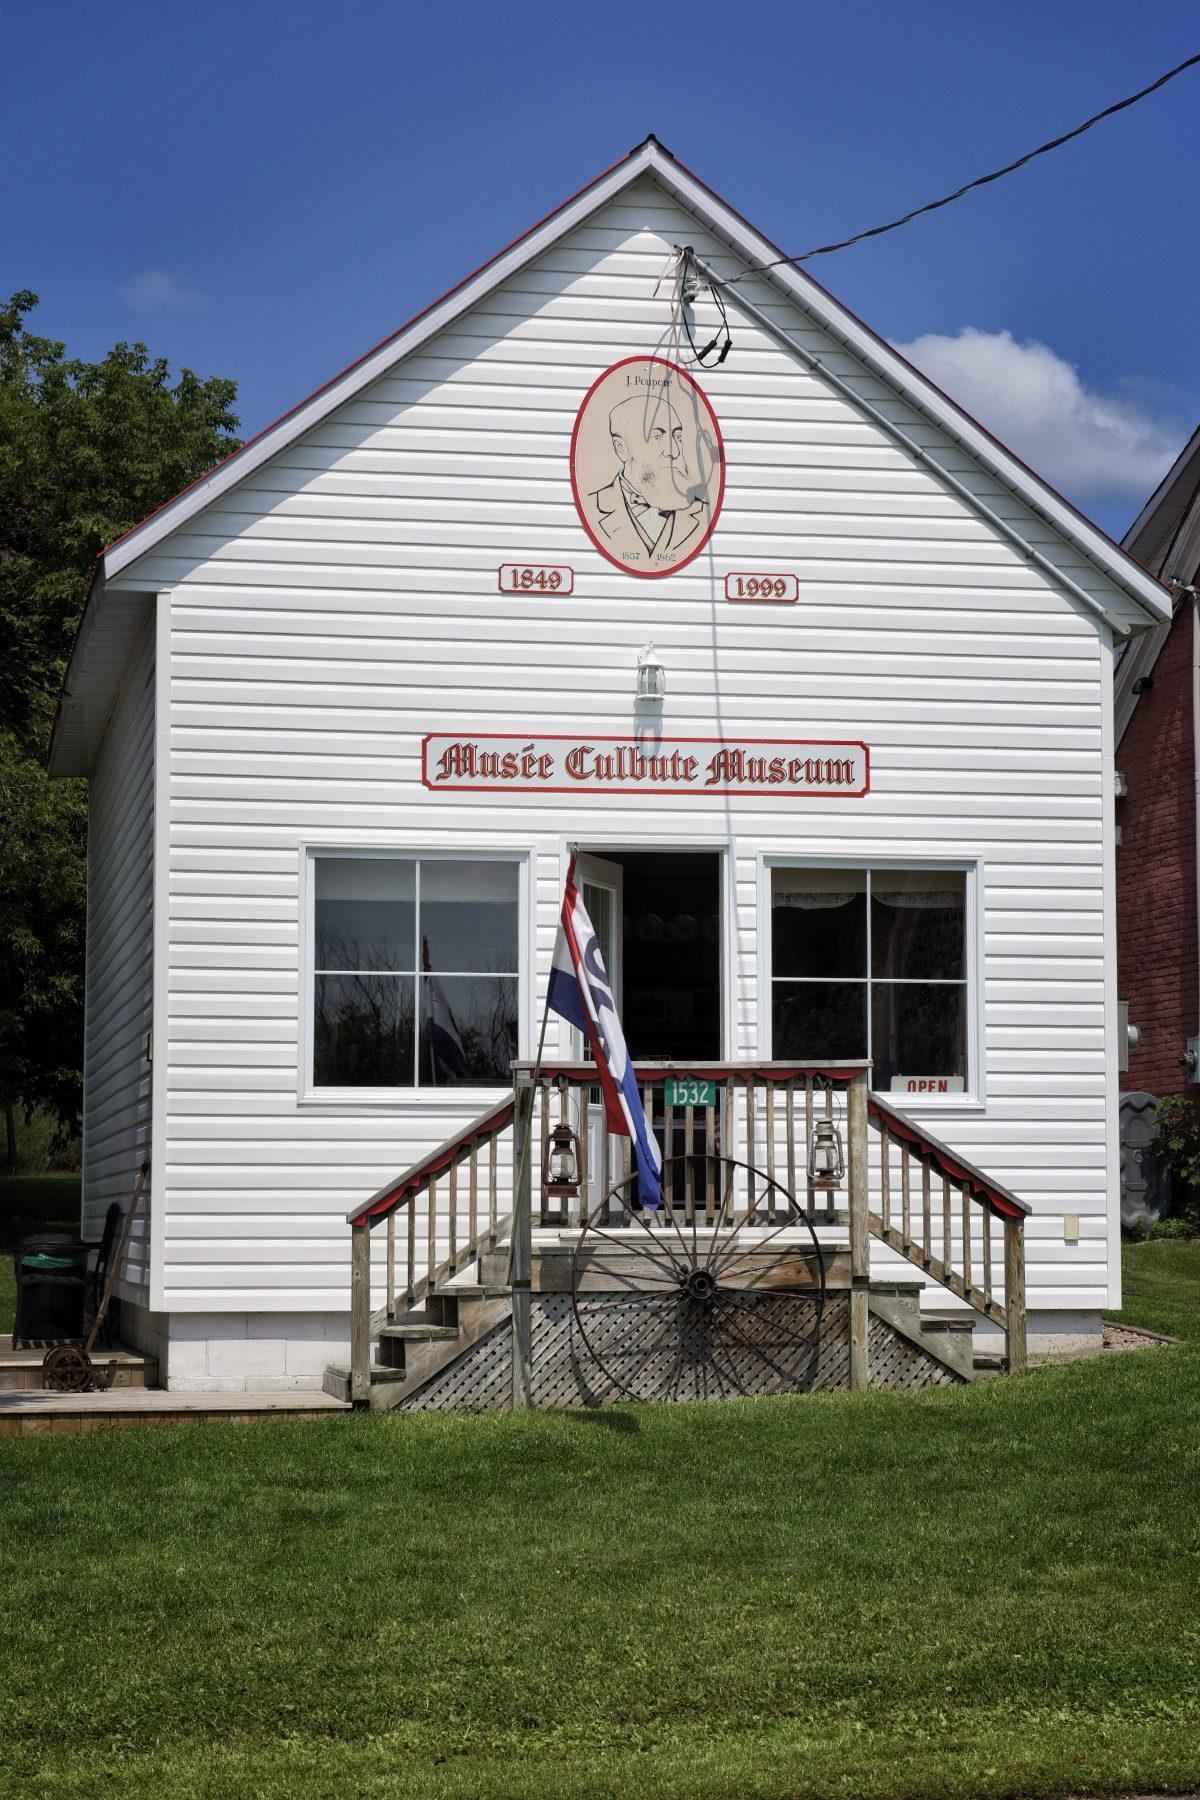 Musée de la Culbute